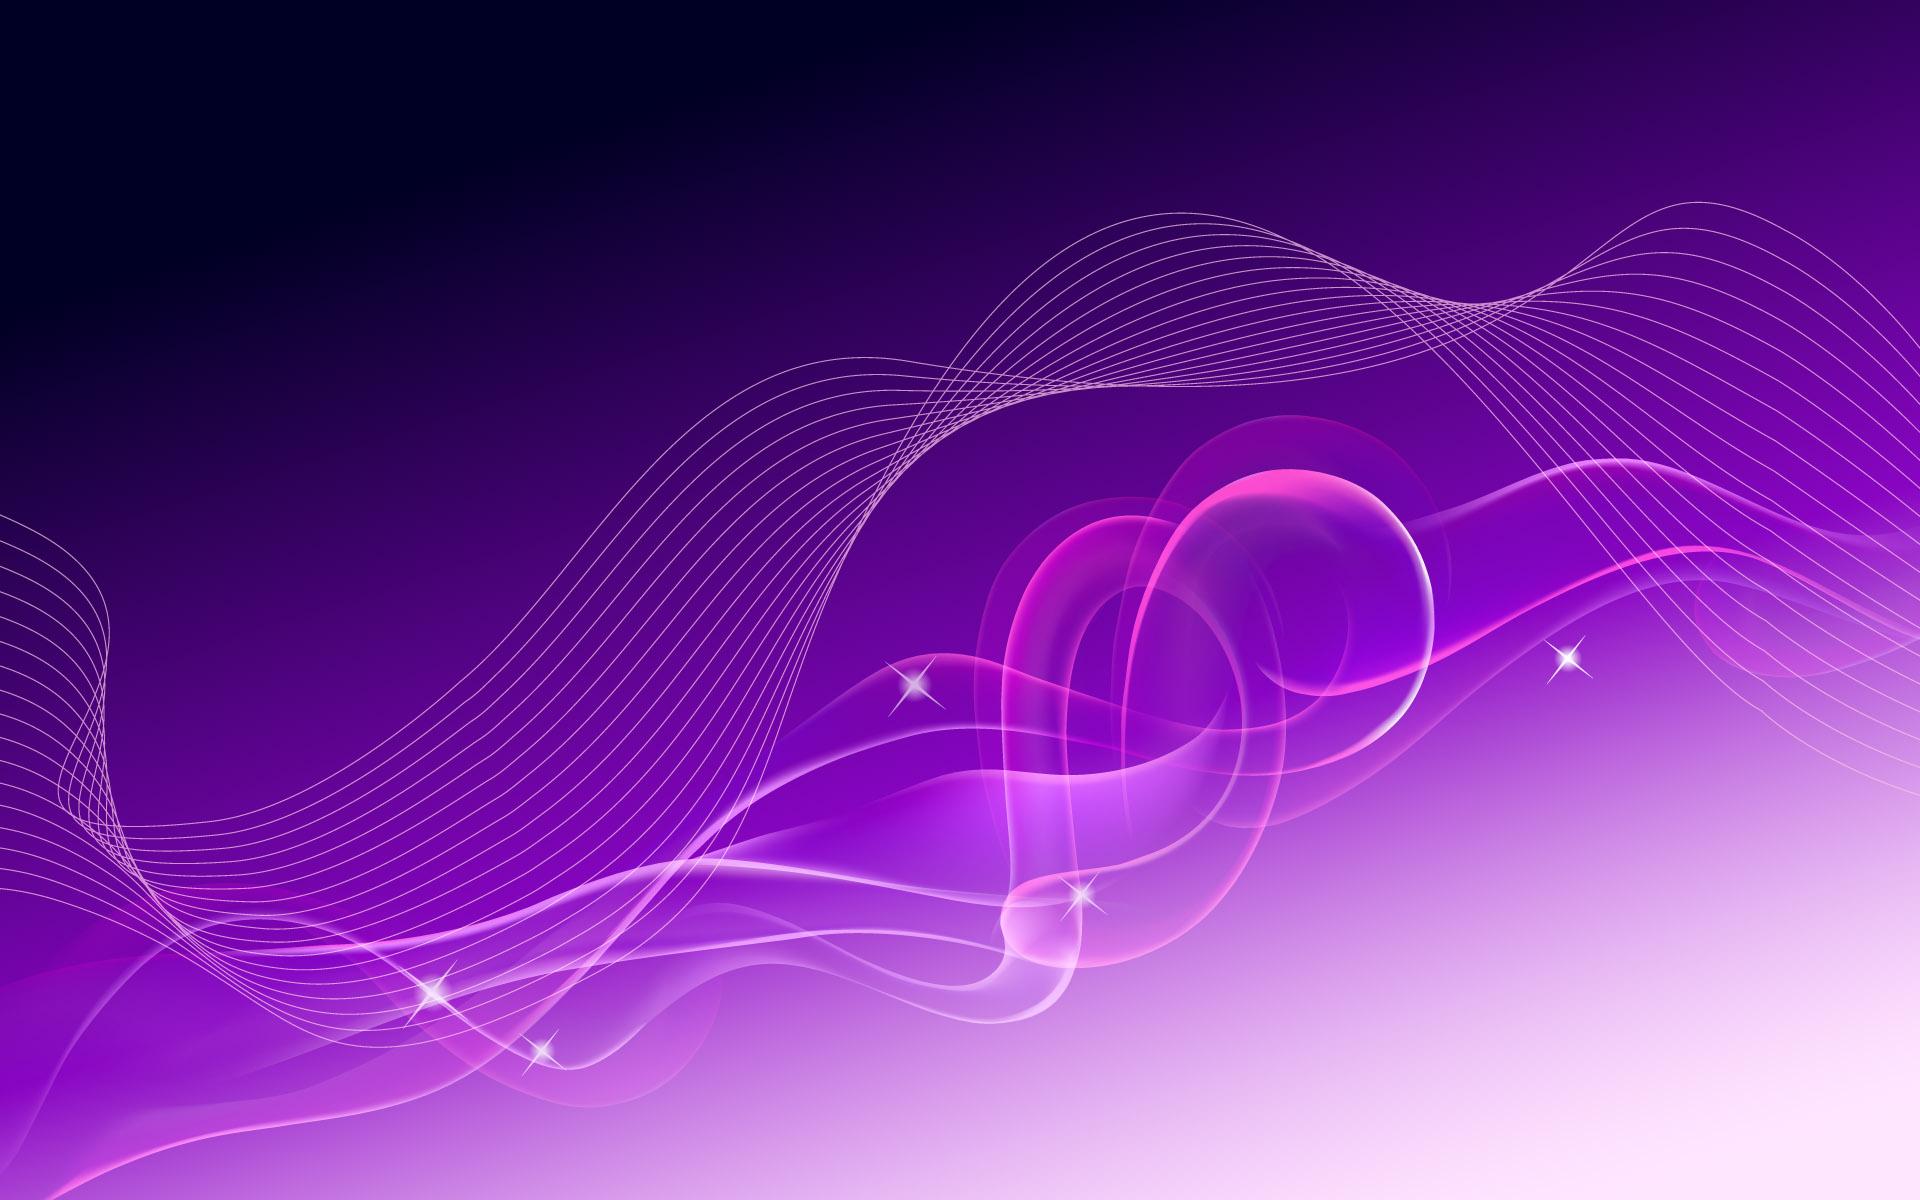 получаешь картинка фиолетовые волны делает минет, анальная